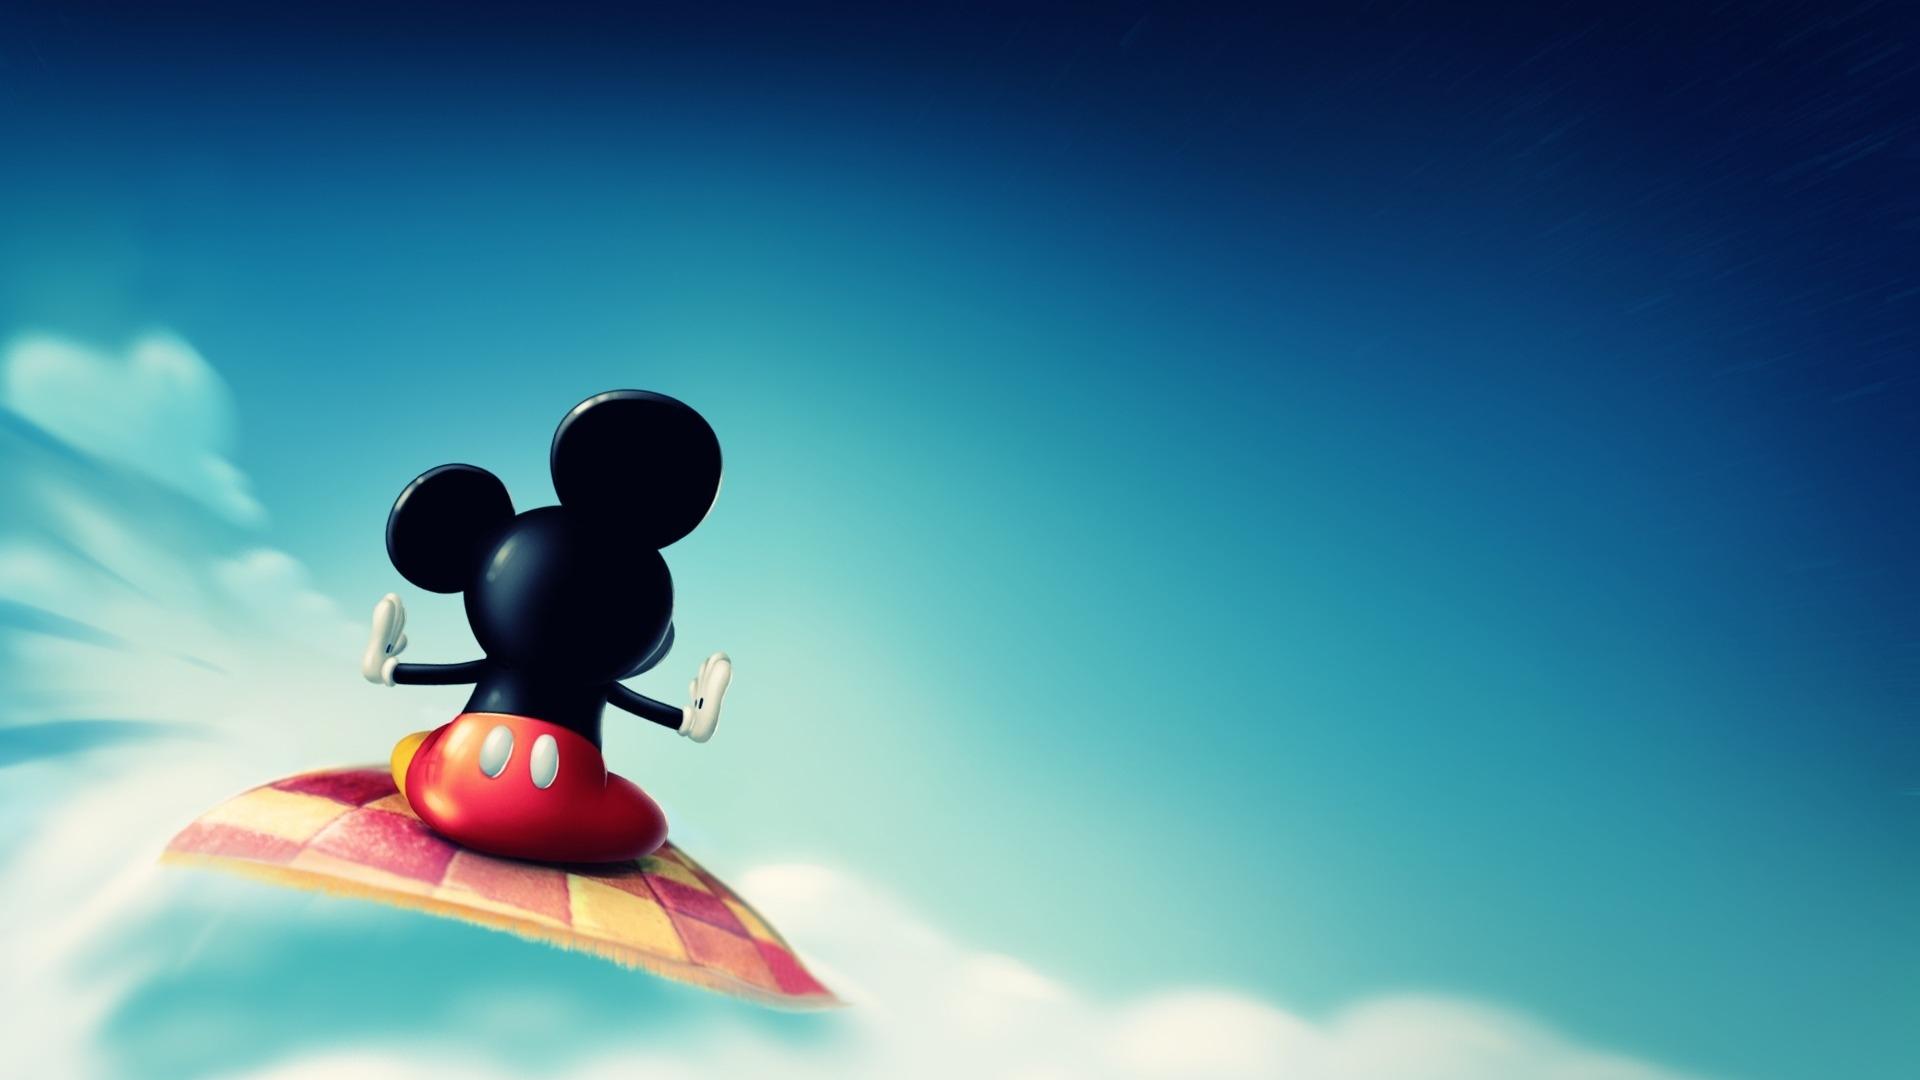 Hình nền : Ánh sáng mặt trời, chuột Mickey, Bầu trời, màu xanh da trời,  Bay, Ảnh chụp màn hình, Hình nền máy tính, Bầu khí quyển của trái đất, Toon  1920x1080 -